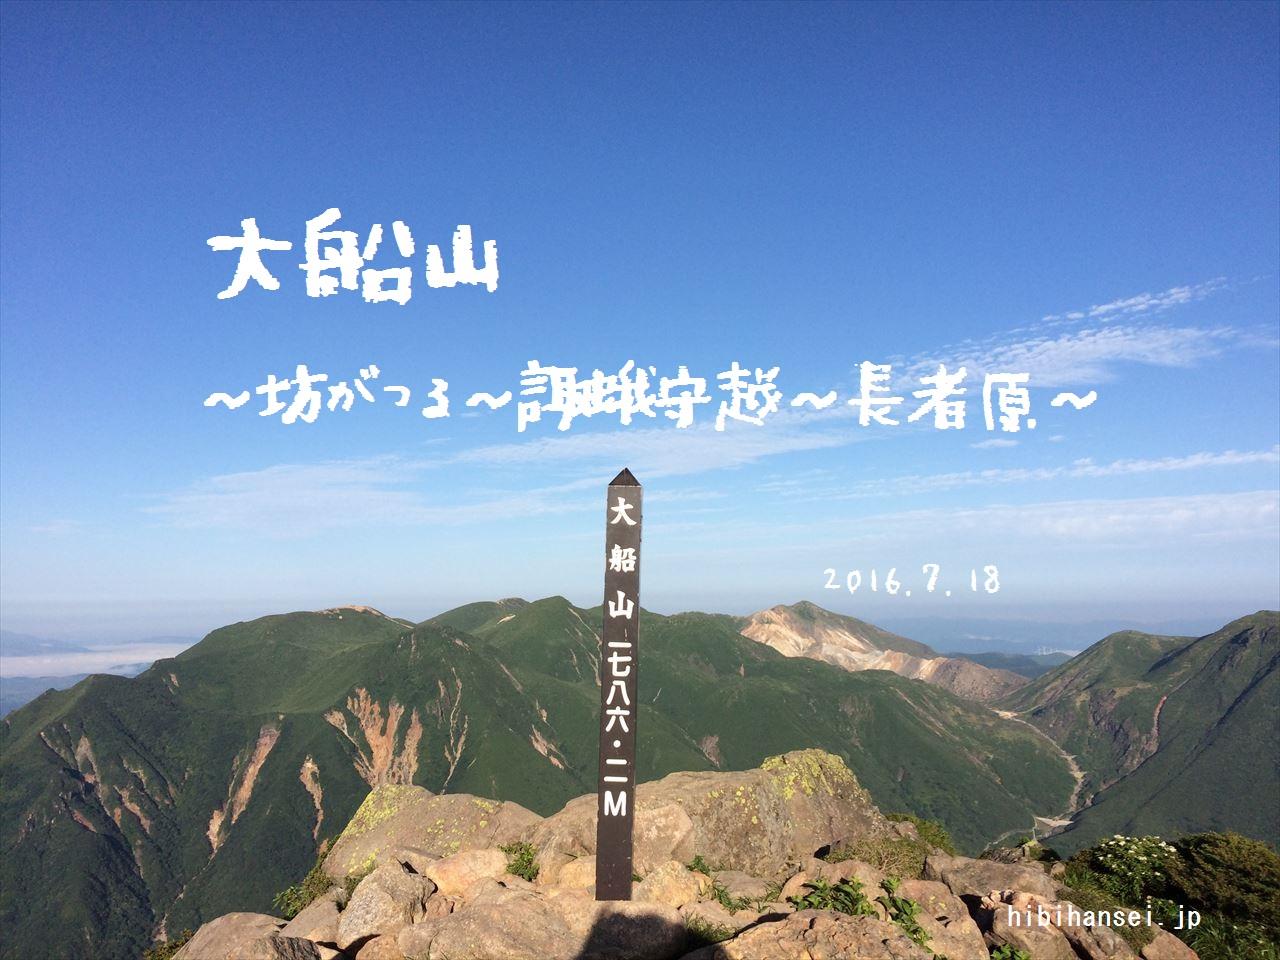 大船山 登山(諏蛾守越) 九重の鼓動とスガモリの鐘 テント泊